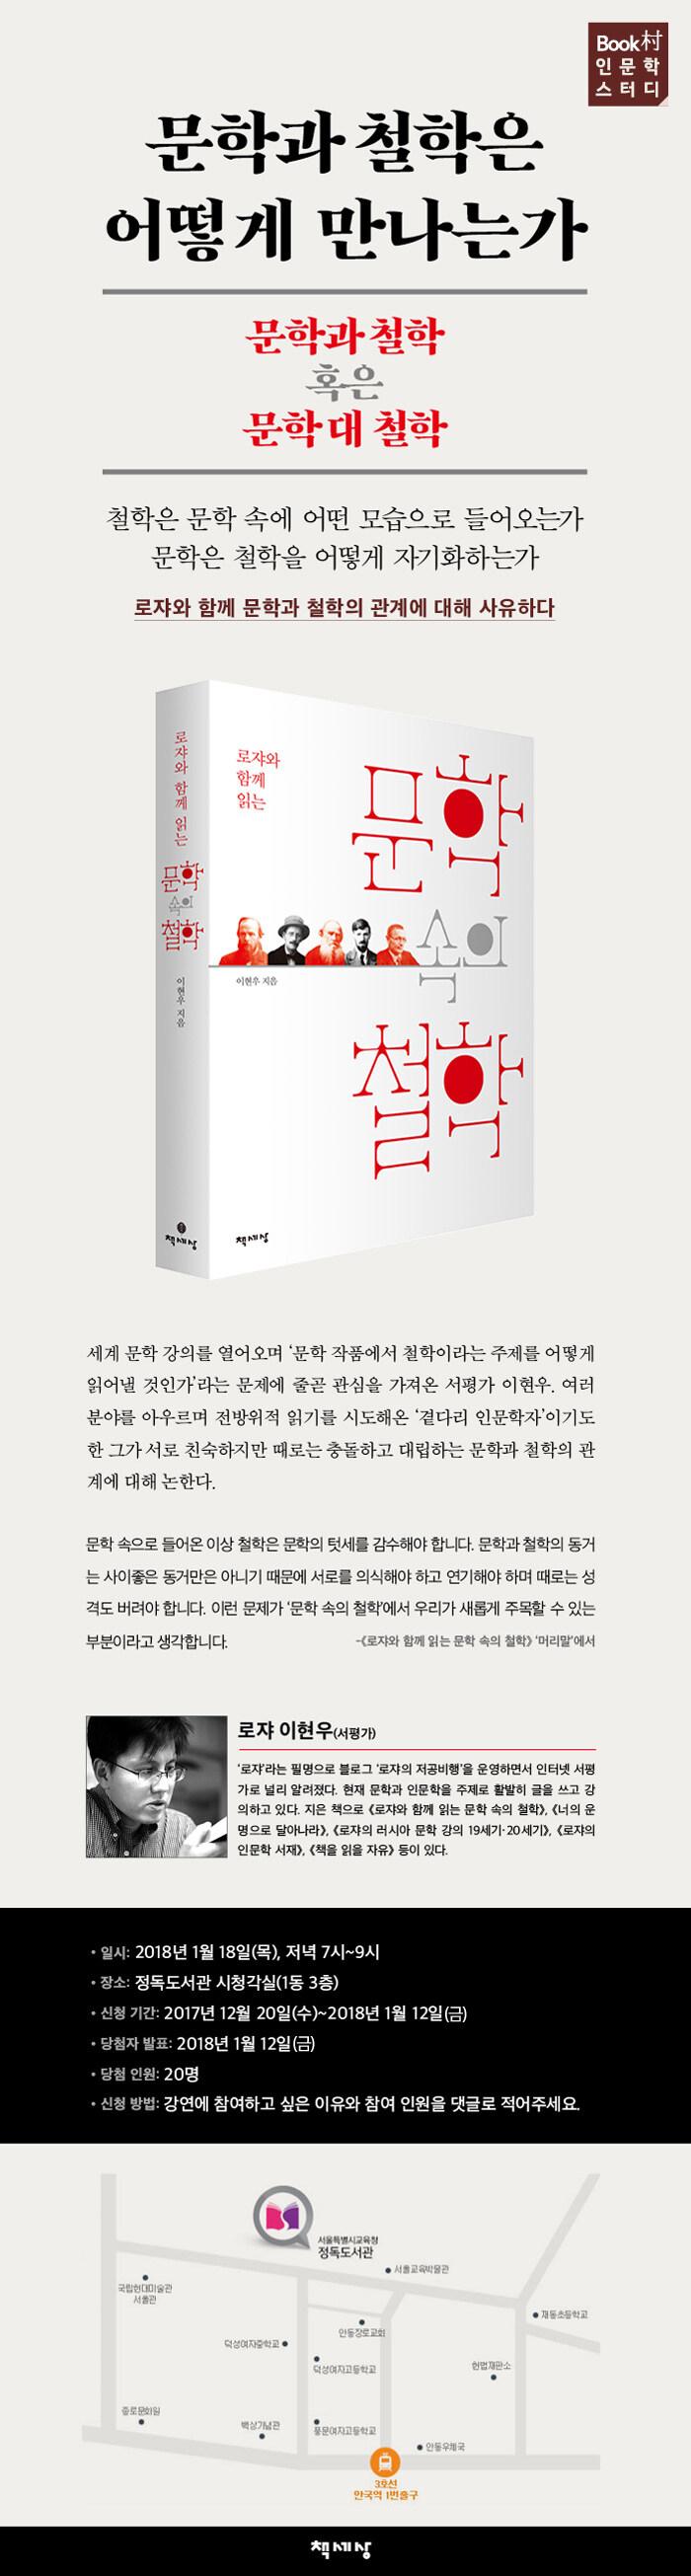 <문학 속의 철학> 로쟈 이현우 저자 강연회